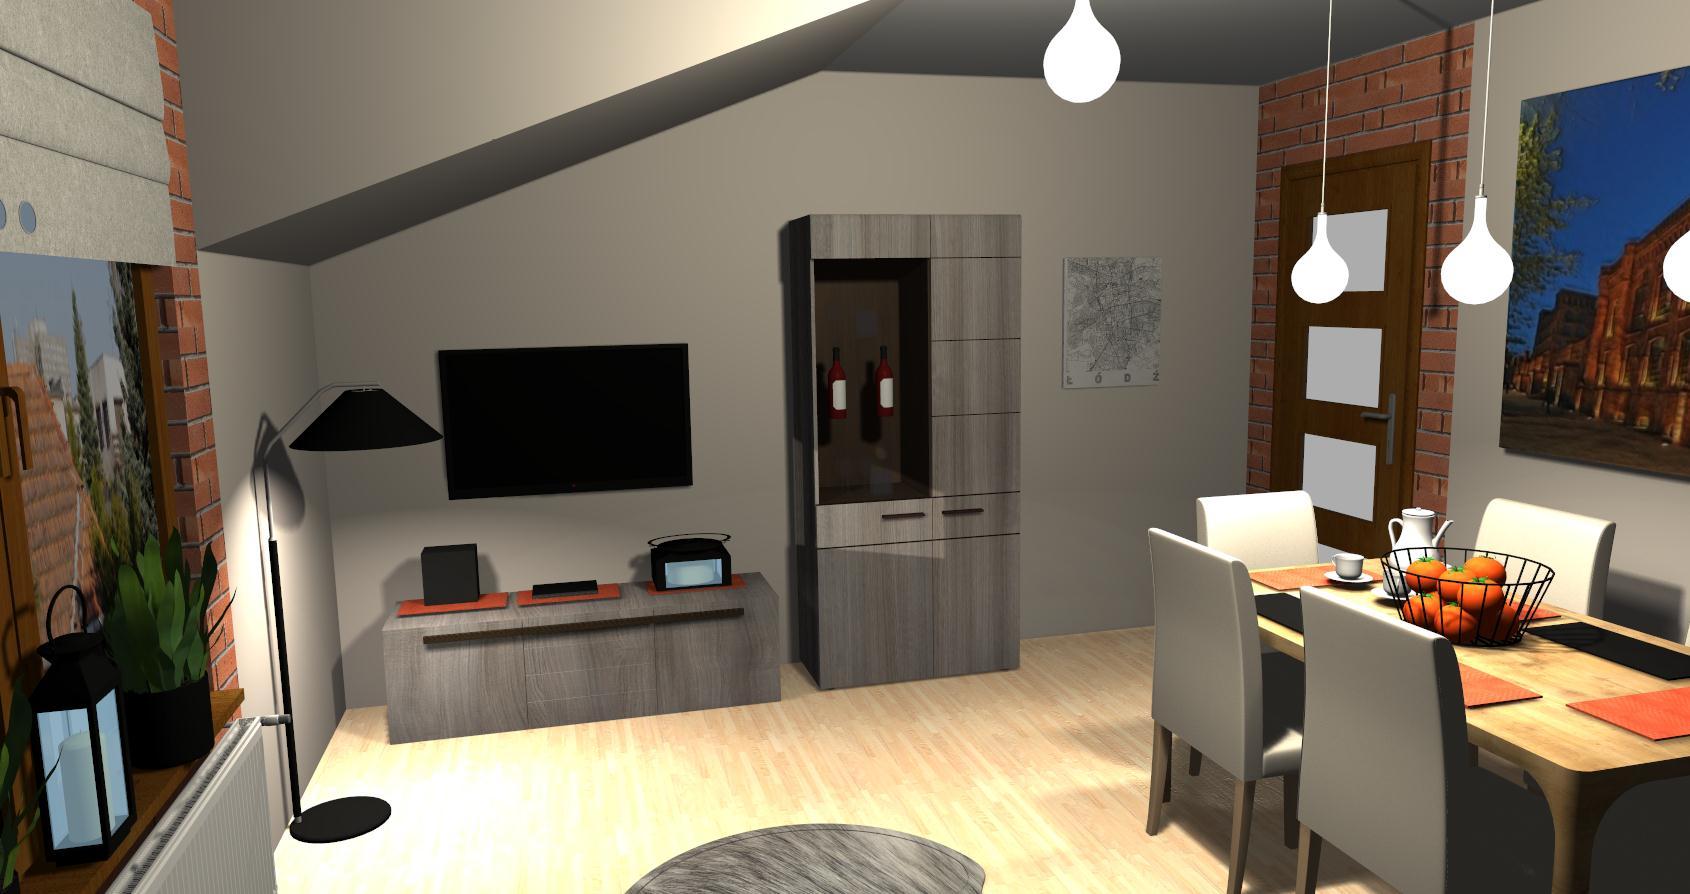 Salon Grocika 24 - Salon w stylu industrialnym